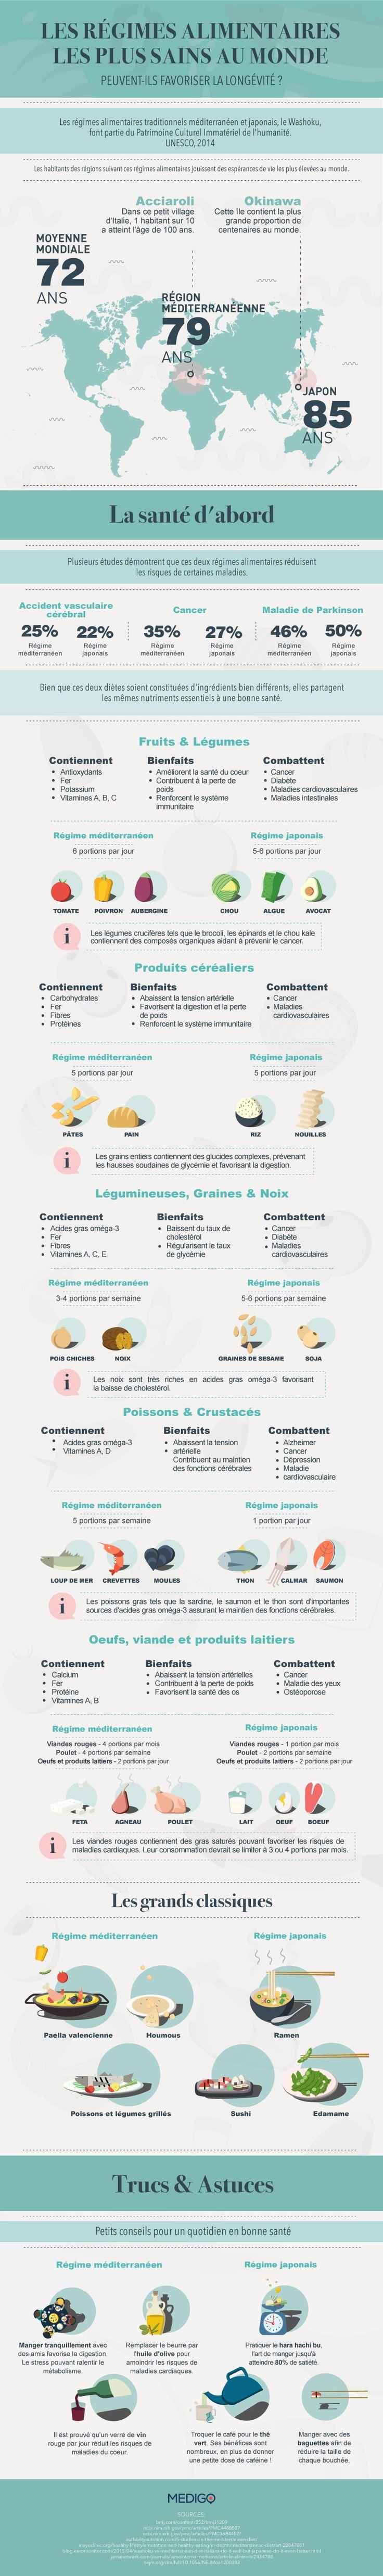 Cuisine méditerranéenne et japonaise